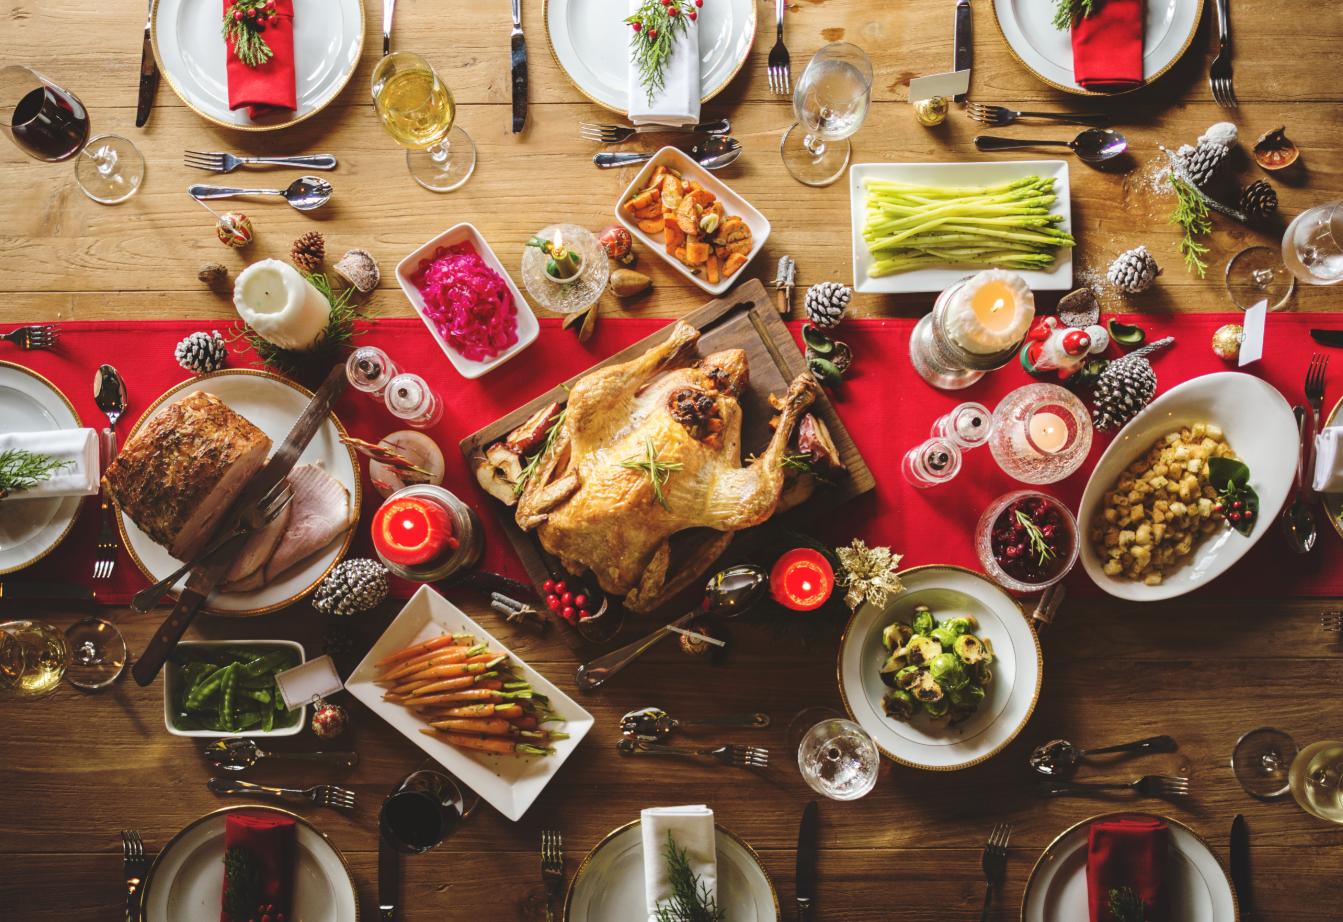 ¿Cómo afrontar un Trastorno de la Conducta Alimentaria en Navidad?